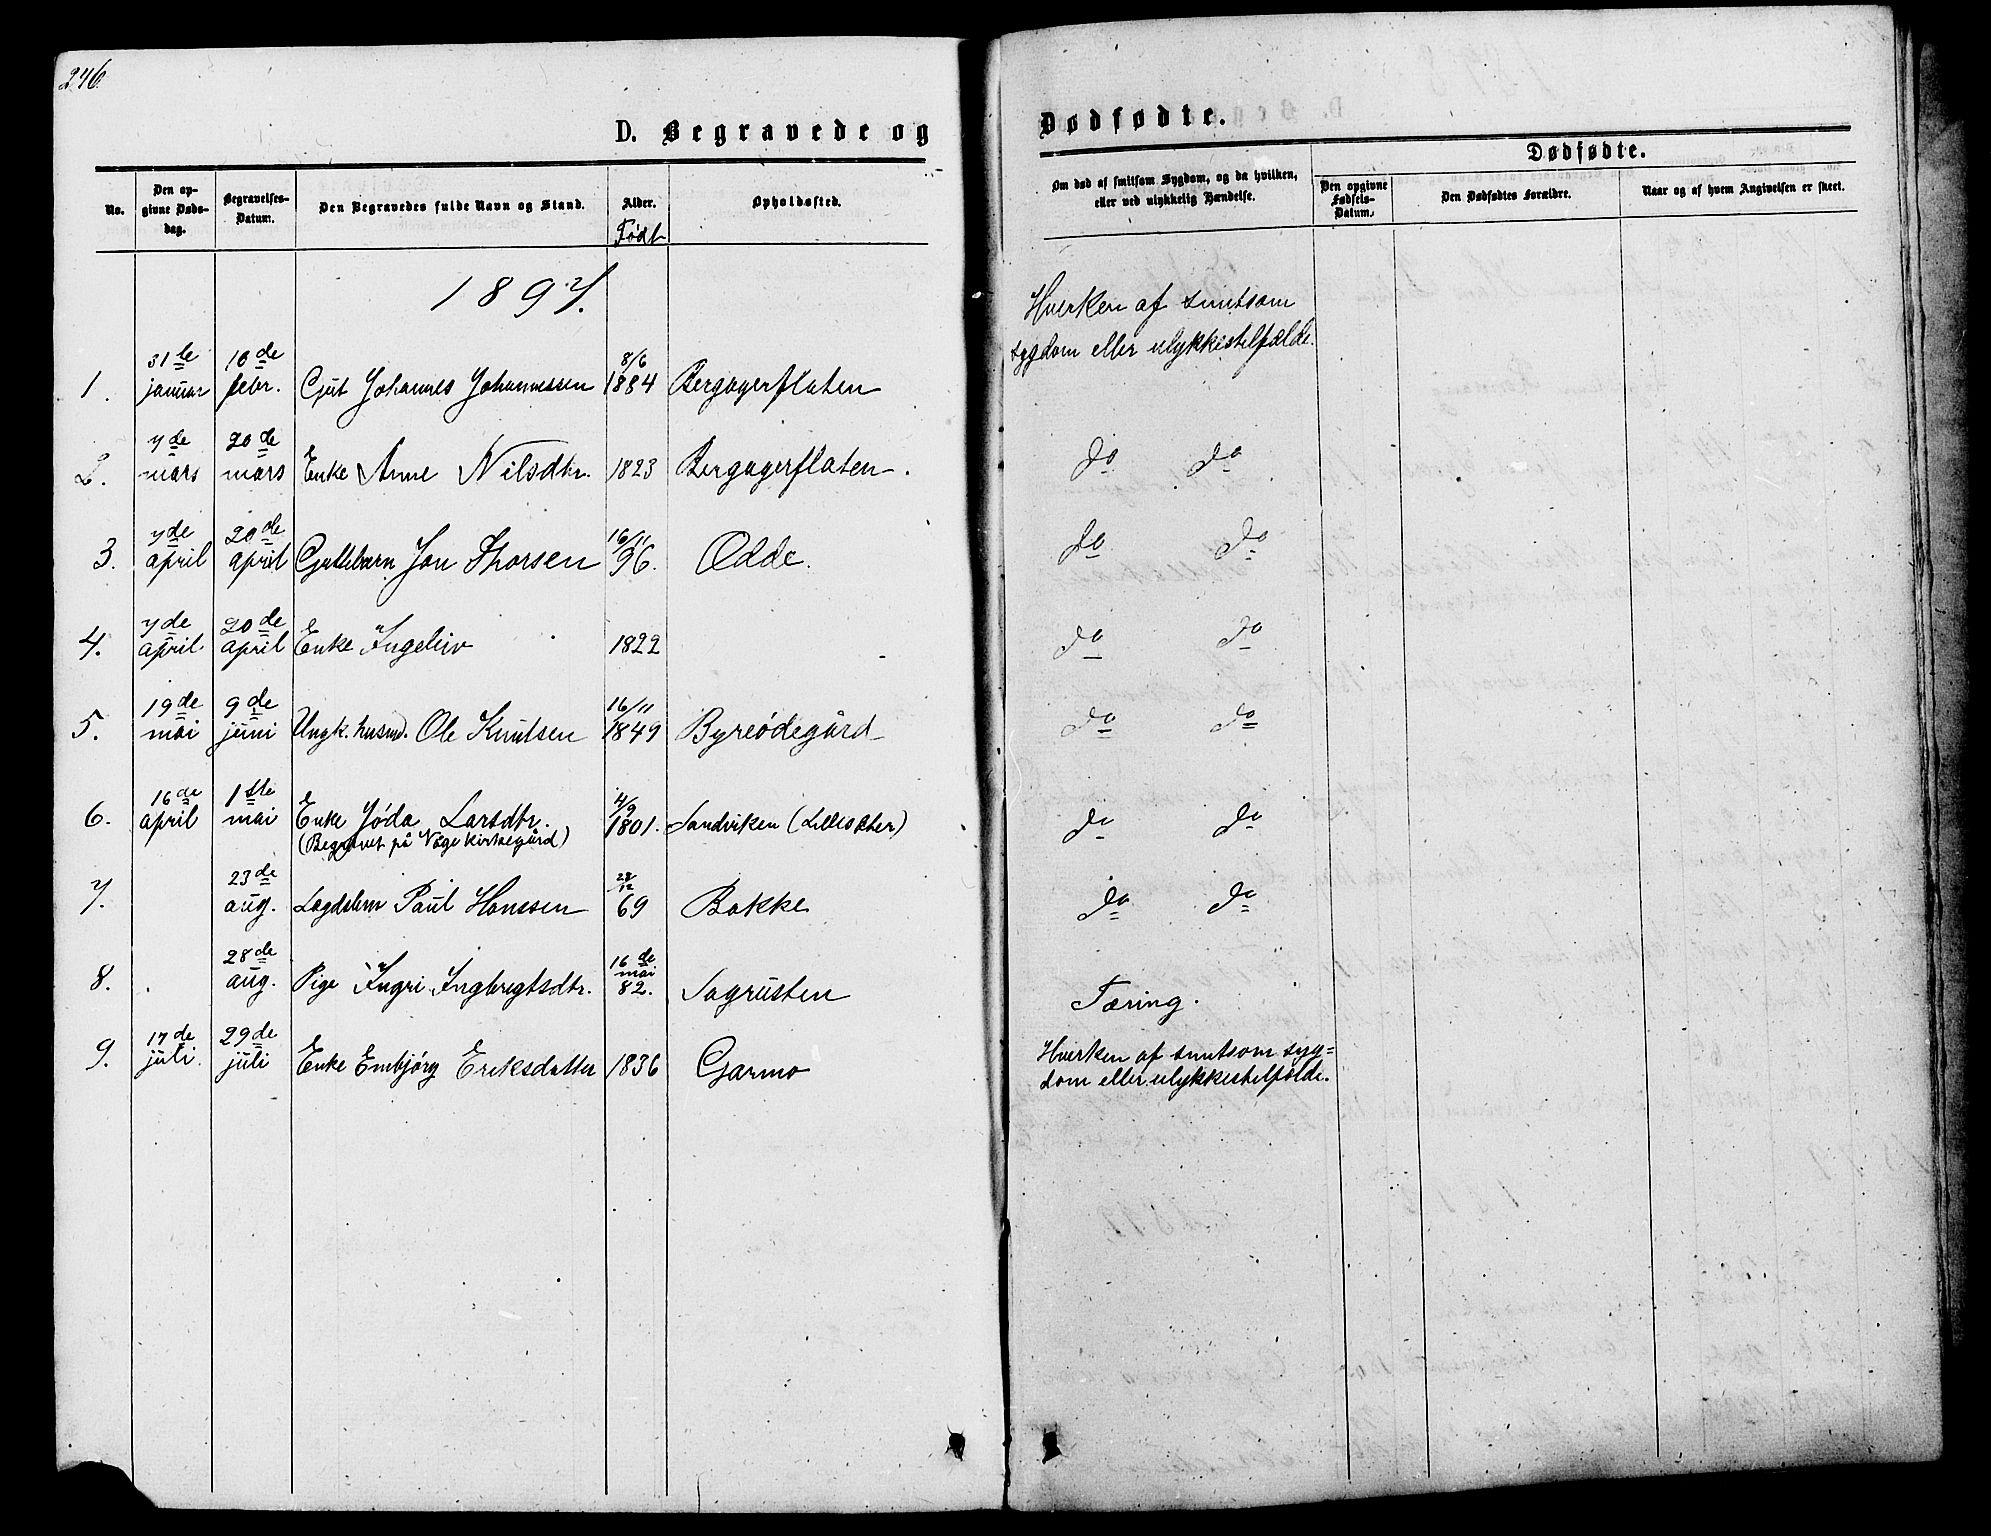 SAH, Lom prestekontor, L/L0005: Klokkerbok nr. 5, 1876-1901, s. 246-247